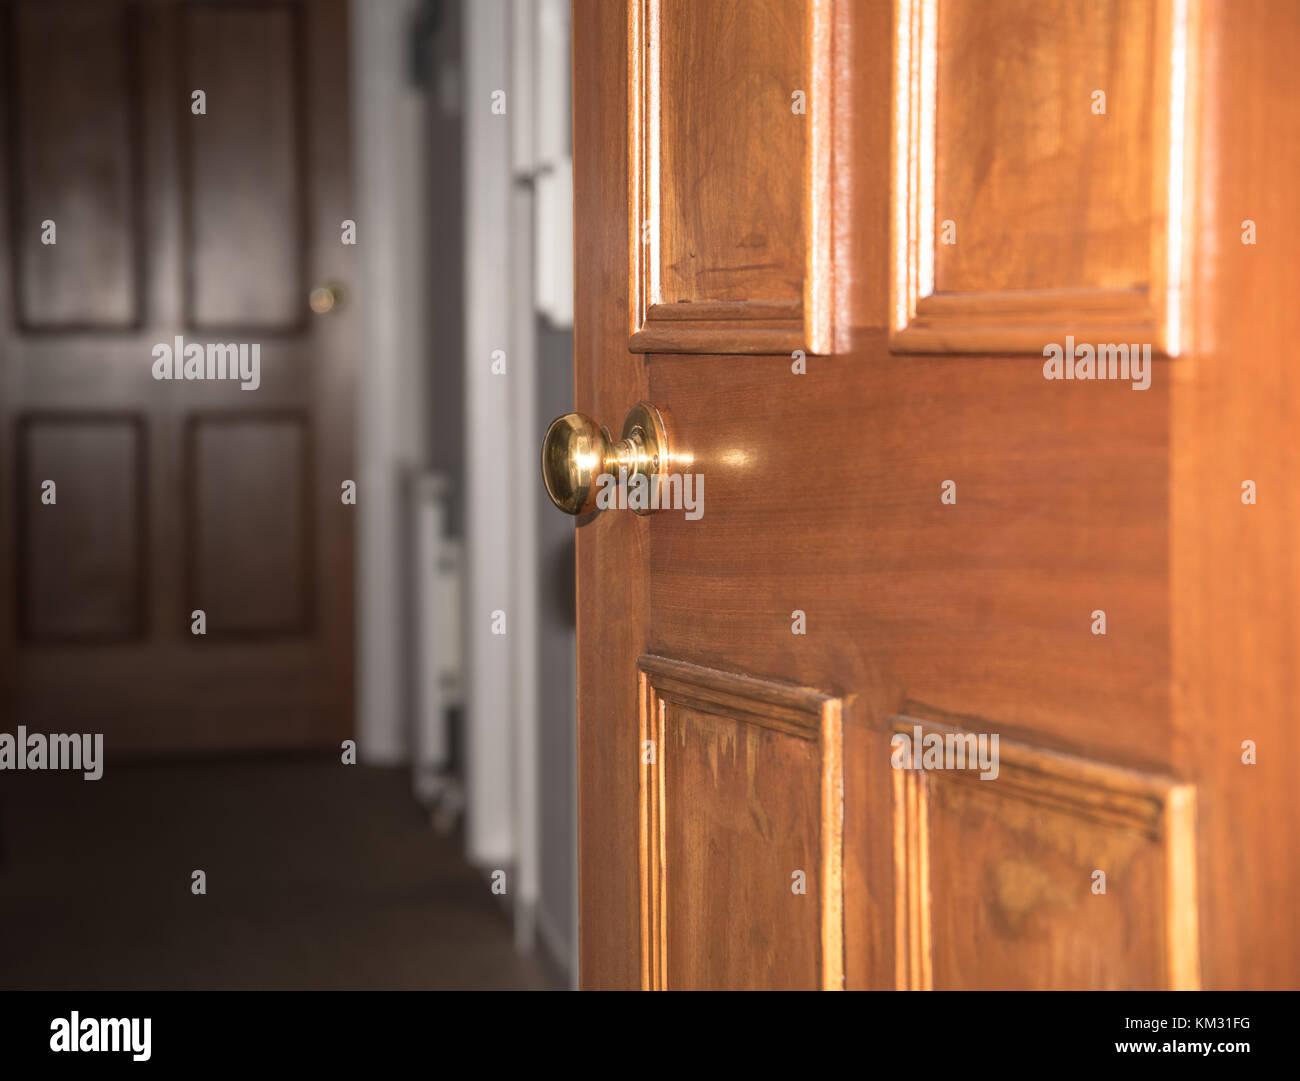 Entrance Door Knob   Wooden House Door   Stock Image